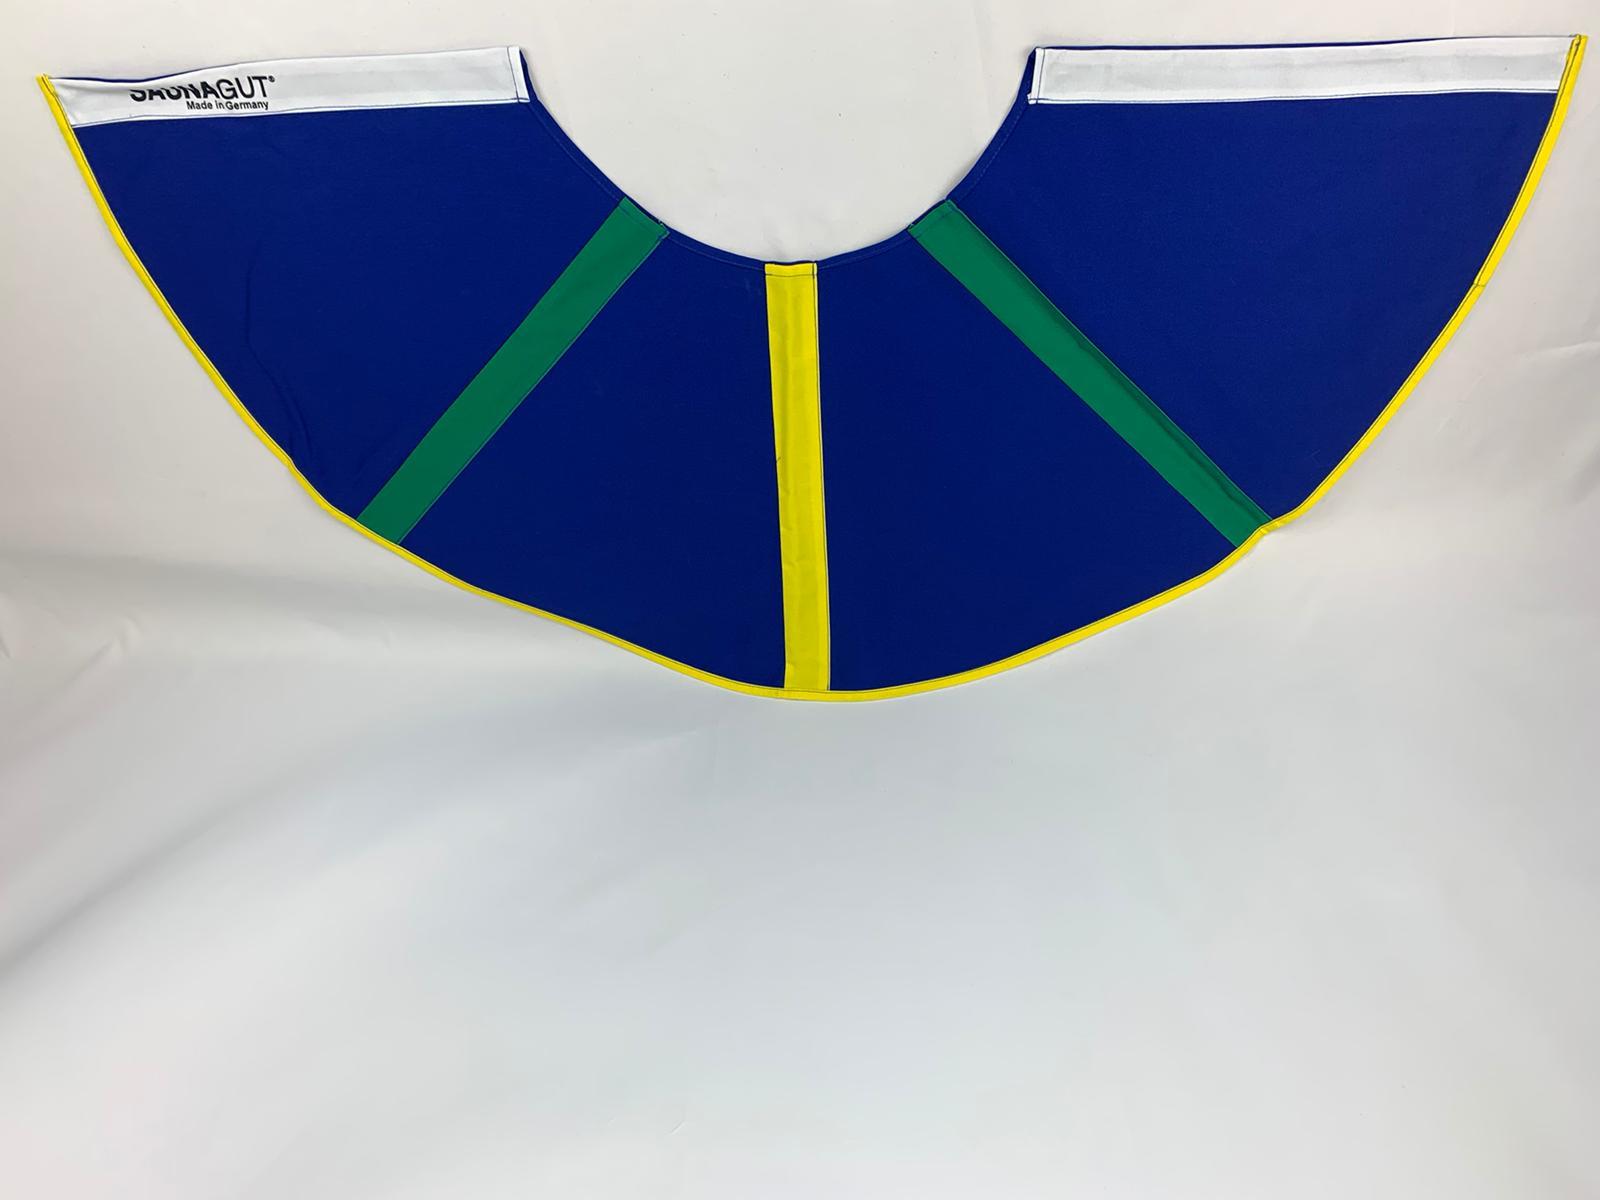 003-ES-AFS-BWGG | Ersatzstoff Aufgussfächer Blau-Weiß-Grün-Gelb